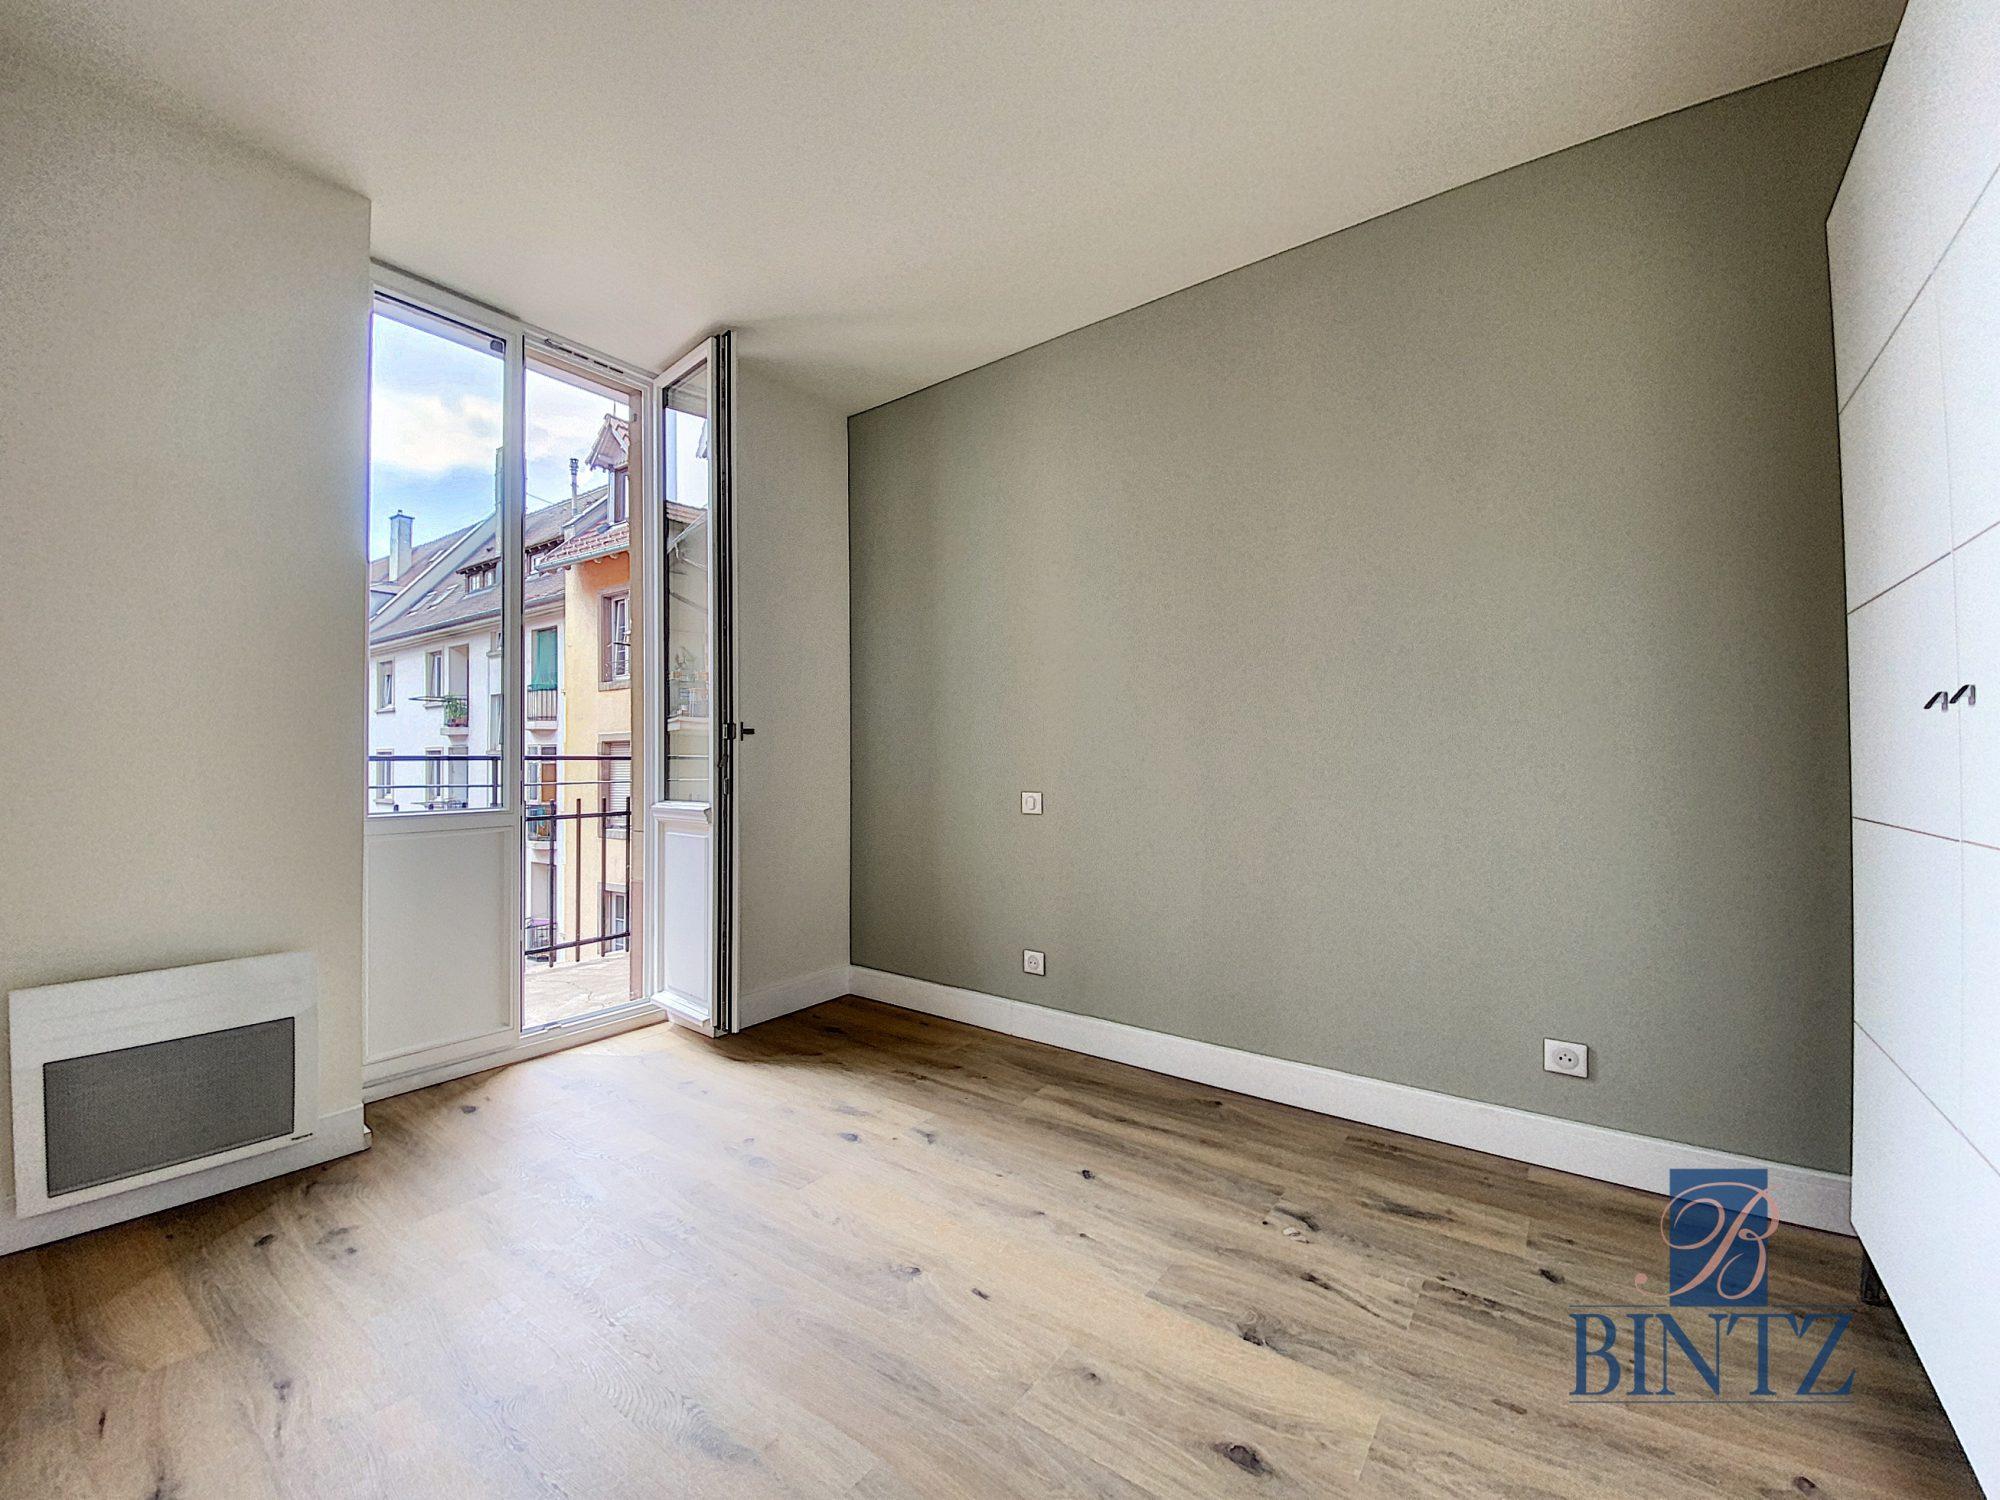 2 Pièces neuf avec balcon - Devenez locataire en toute sérénité - Bintz Immobilier - 3